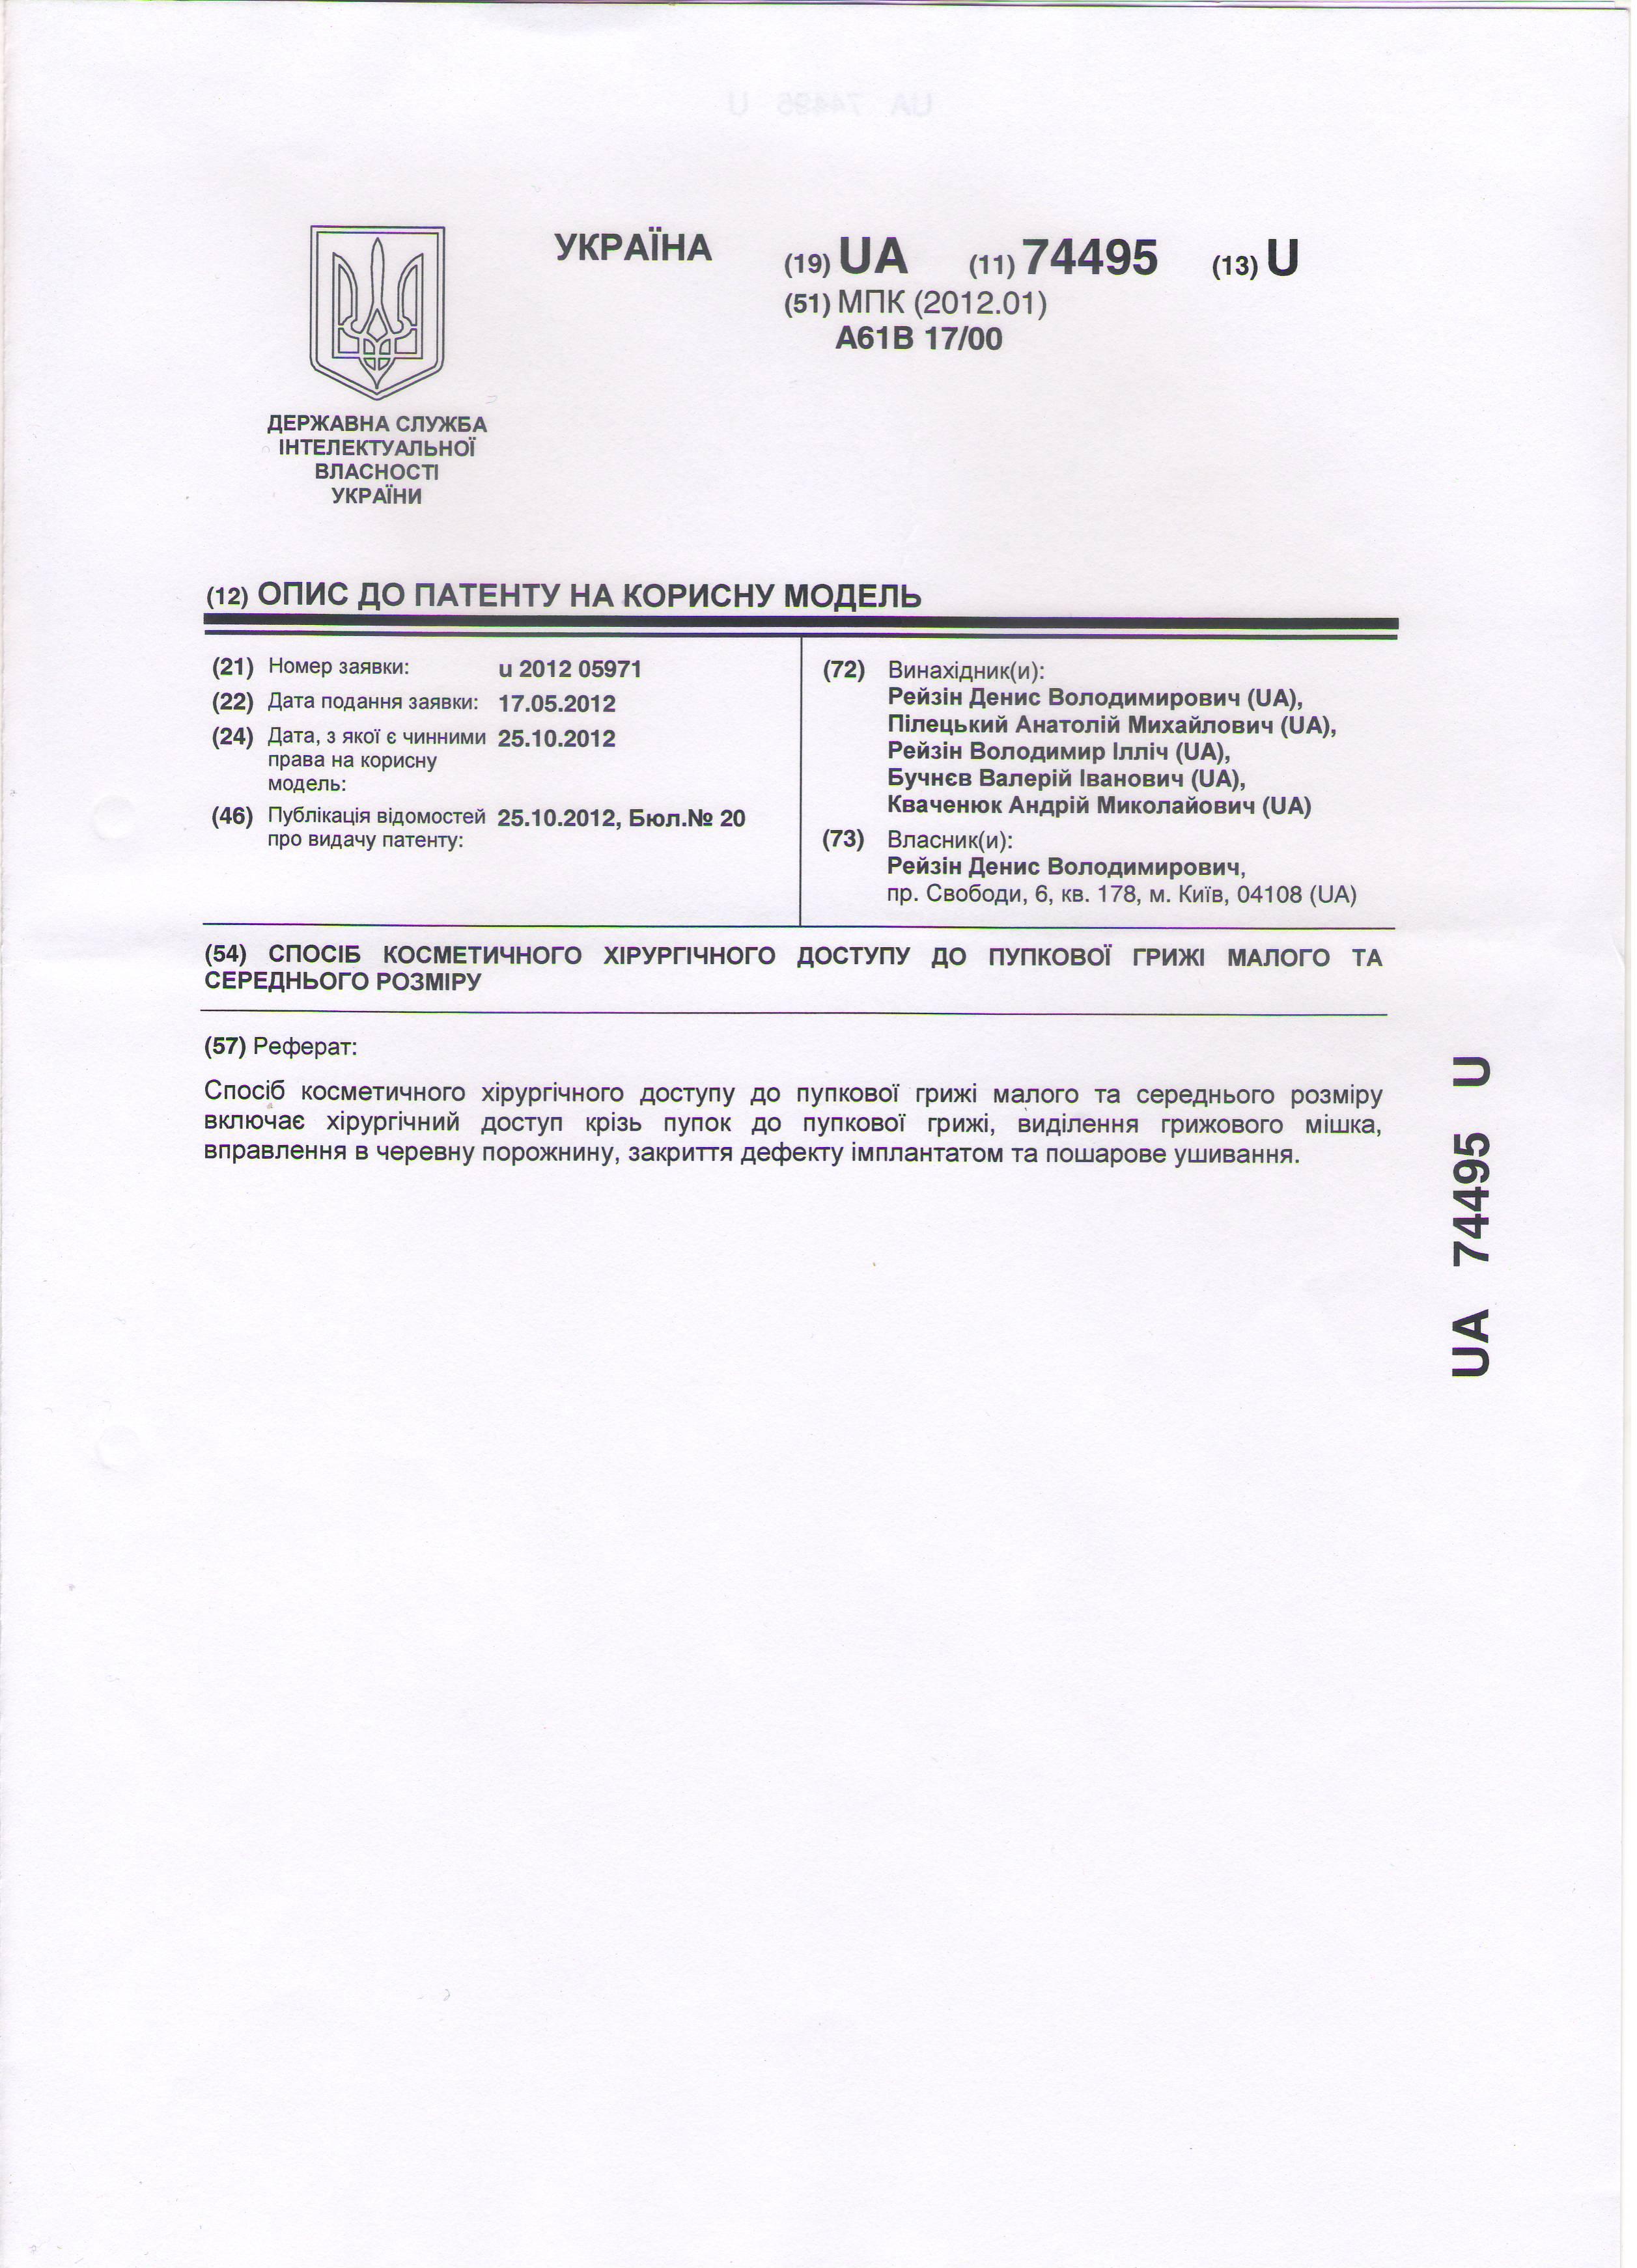 Стоматологическая поликлиника 7 новосибирска официальный сайт